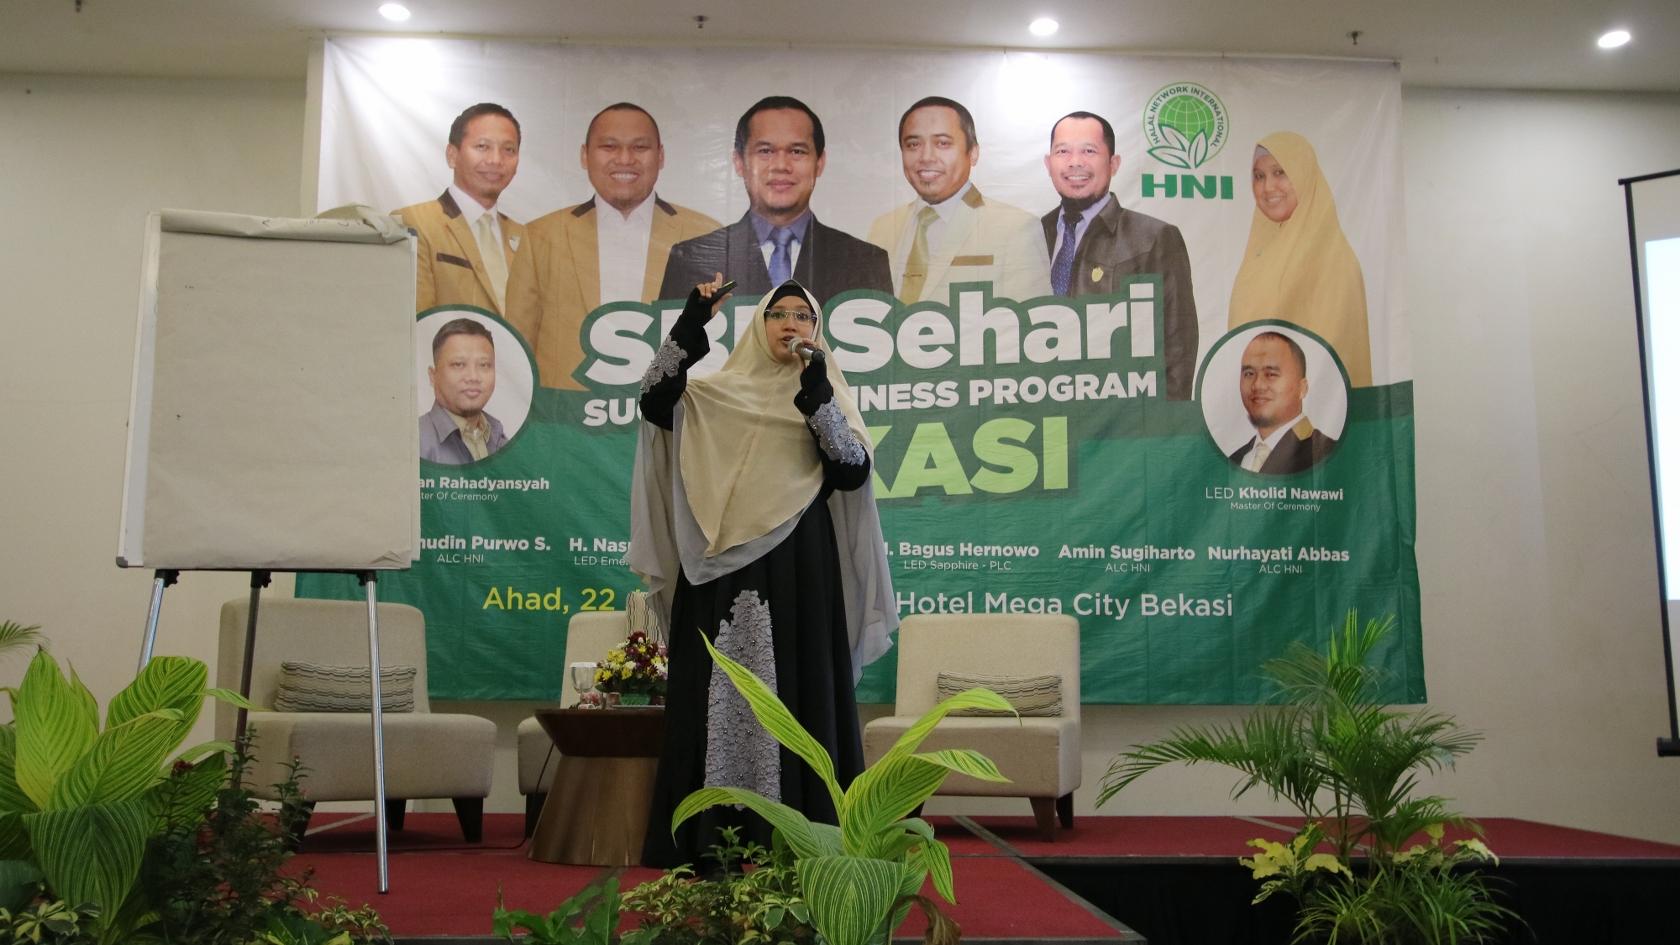 Success Business Program Sehari Bekasi